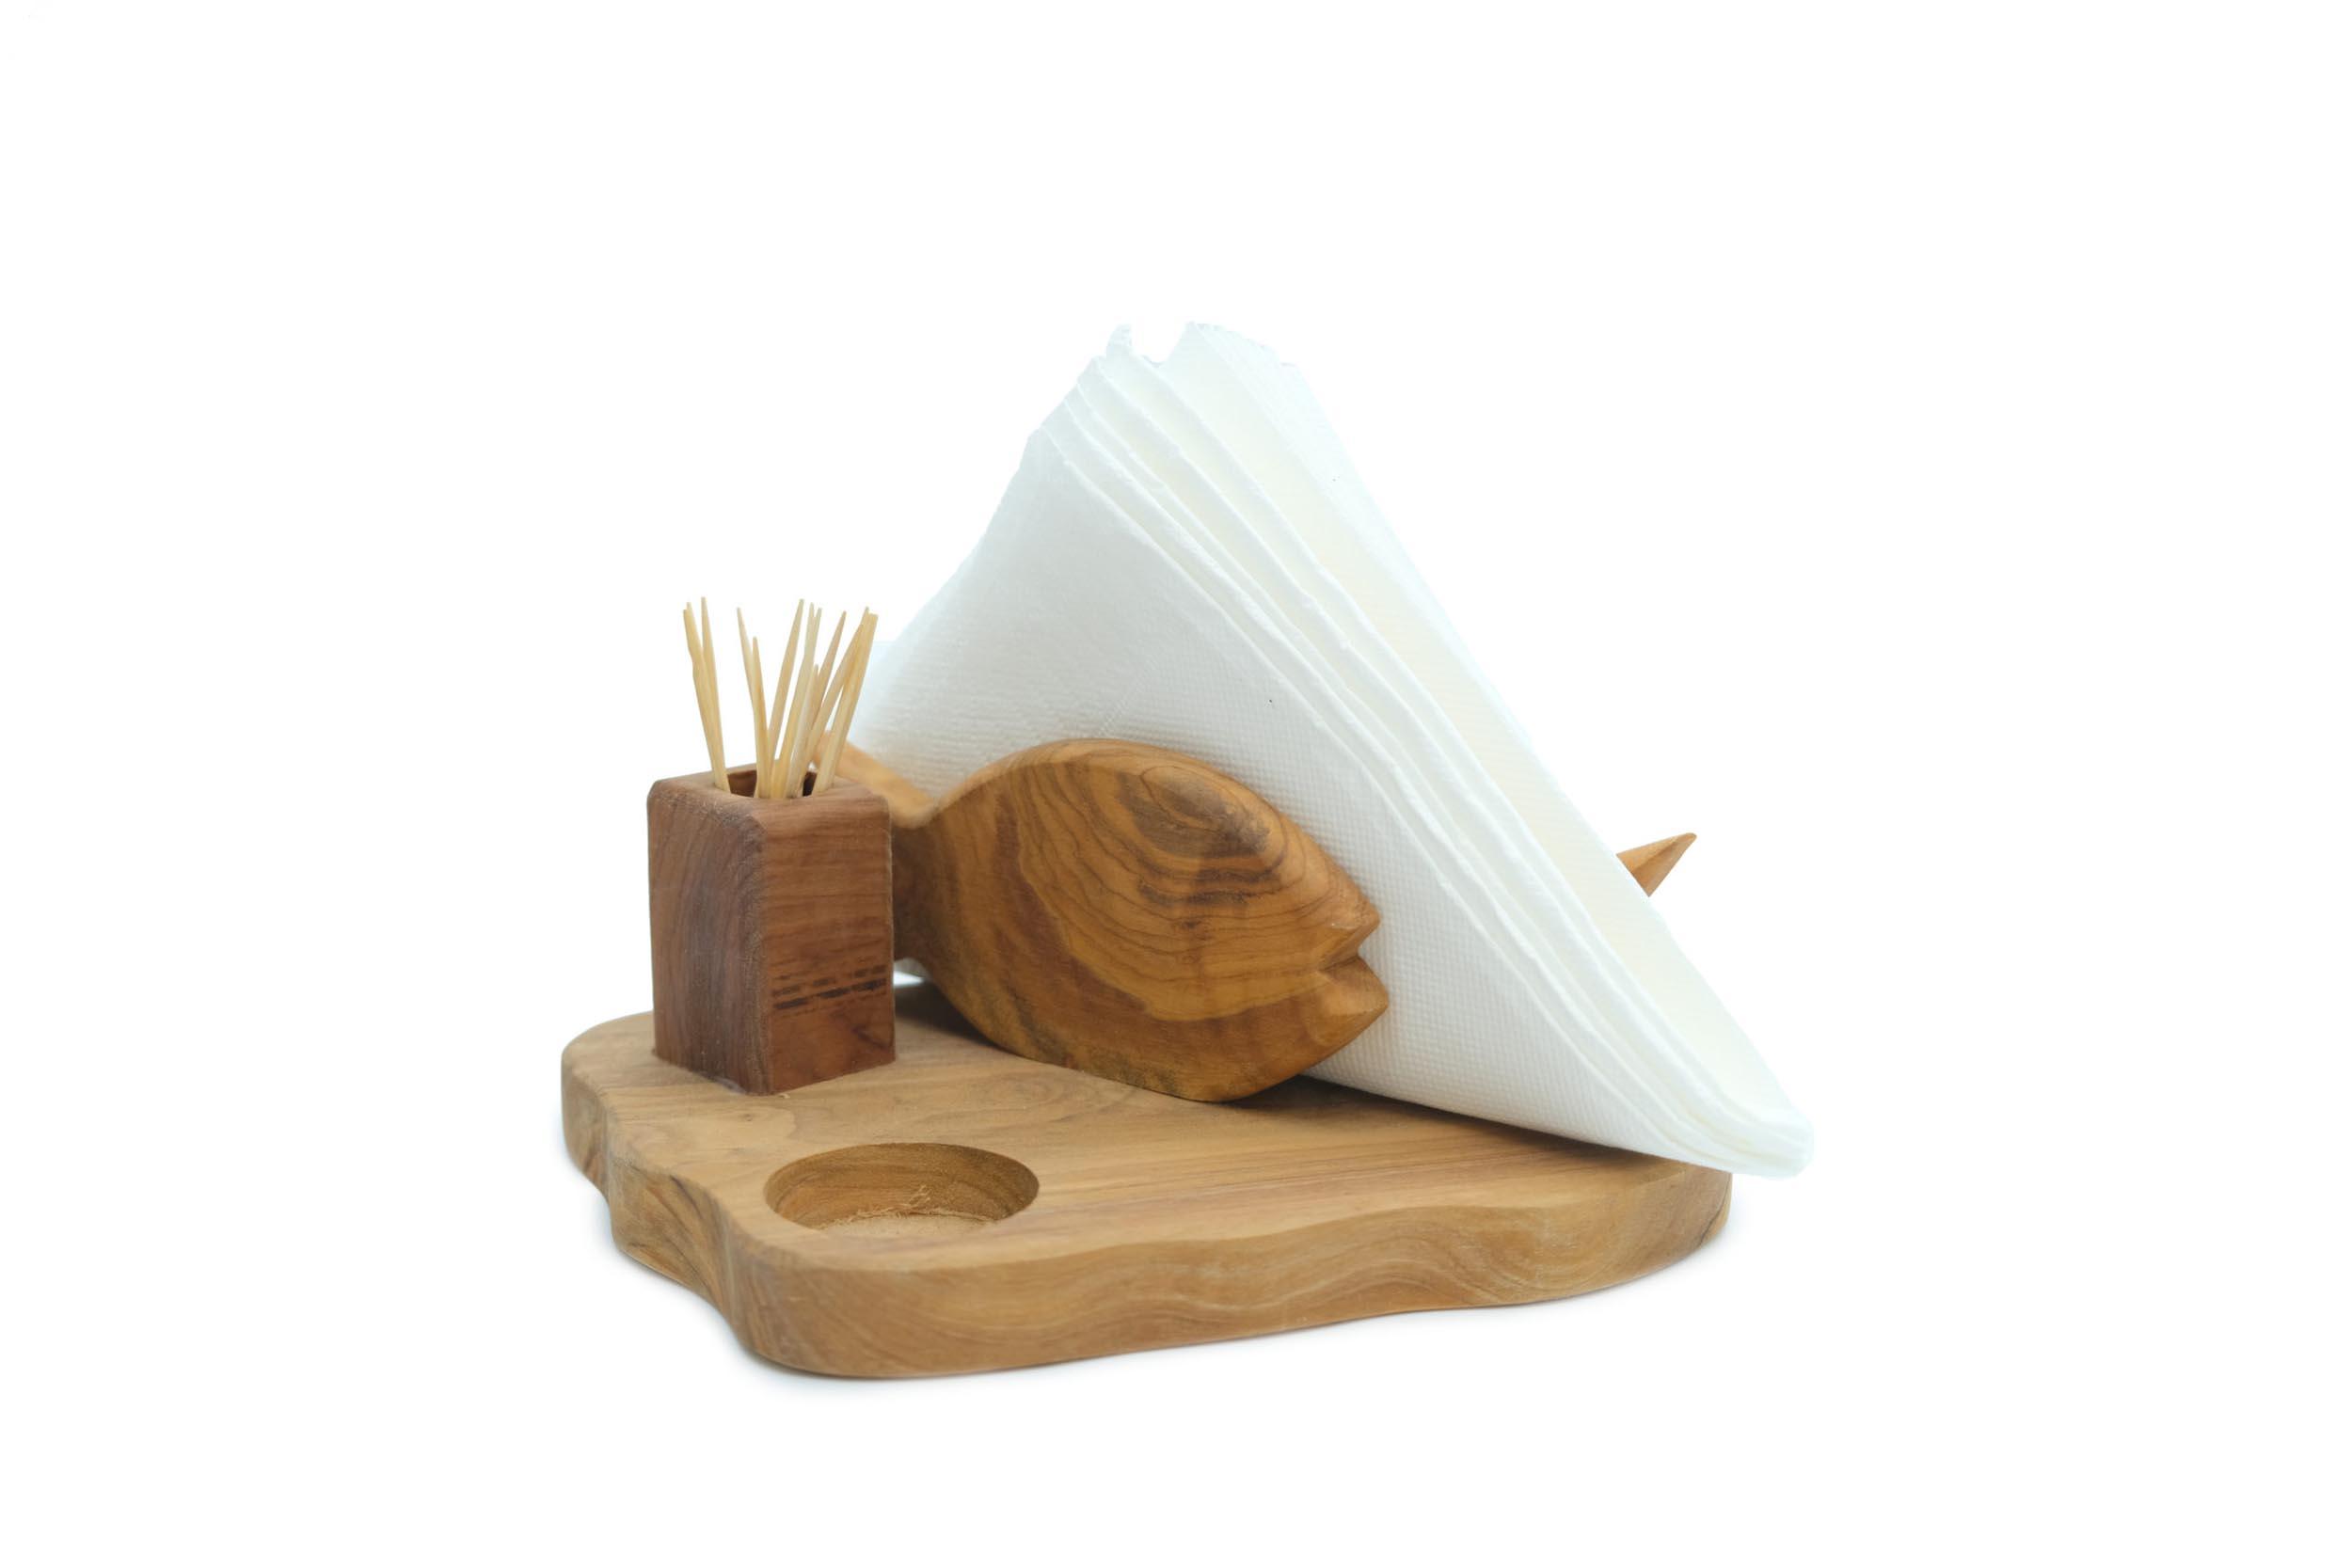 Olive Wood Napkin Holder Fish Toothpick Salt Pepper Olive Tree Handmade Olive Wood